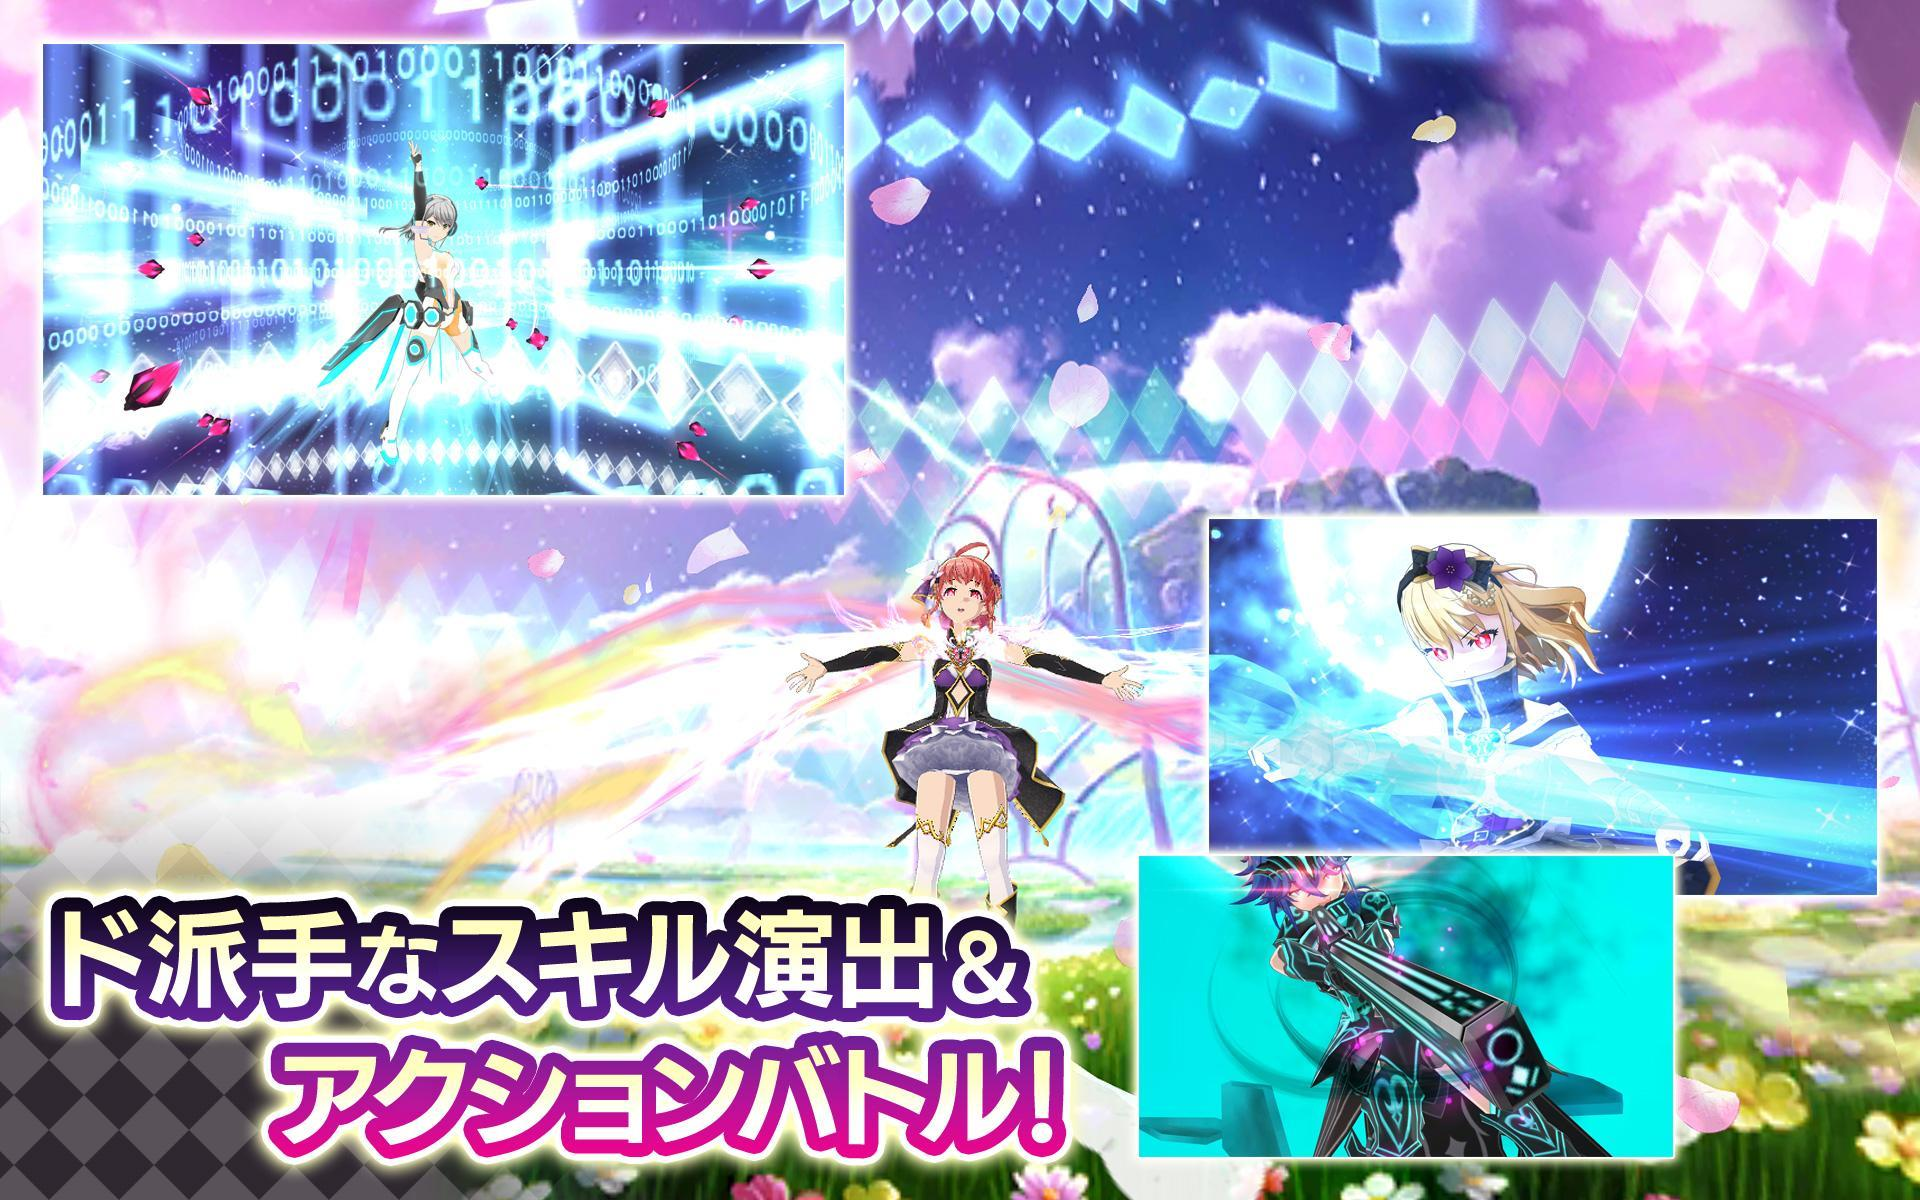 プロジェクト東京ドールズ :美少女タップアクションRPG 4.1.0 Screenshot 2